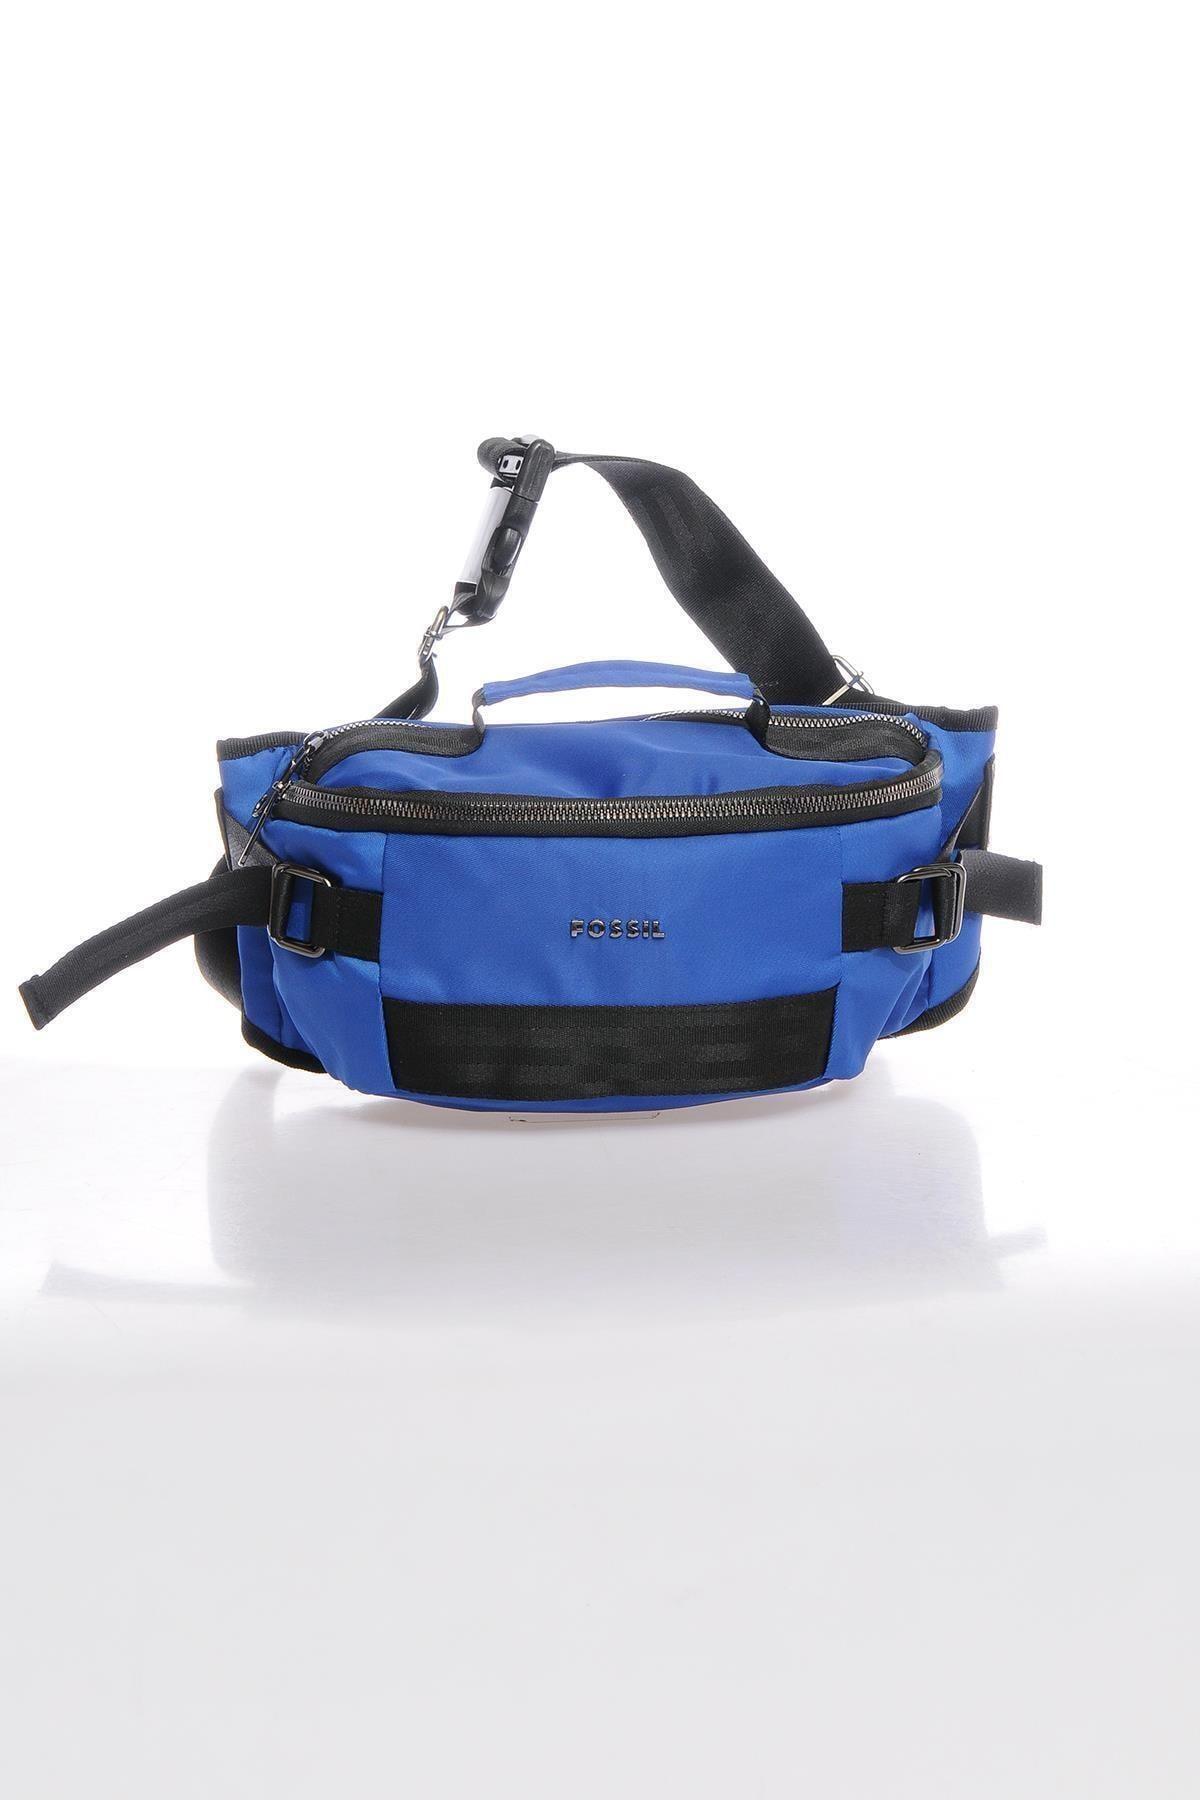 سفارش انلاین کیف کمری مردانه ساده برند Fossil رنگ آبی کد ty60222138